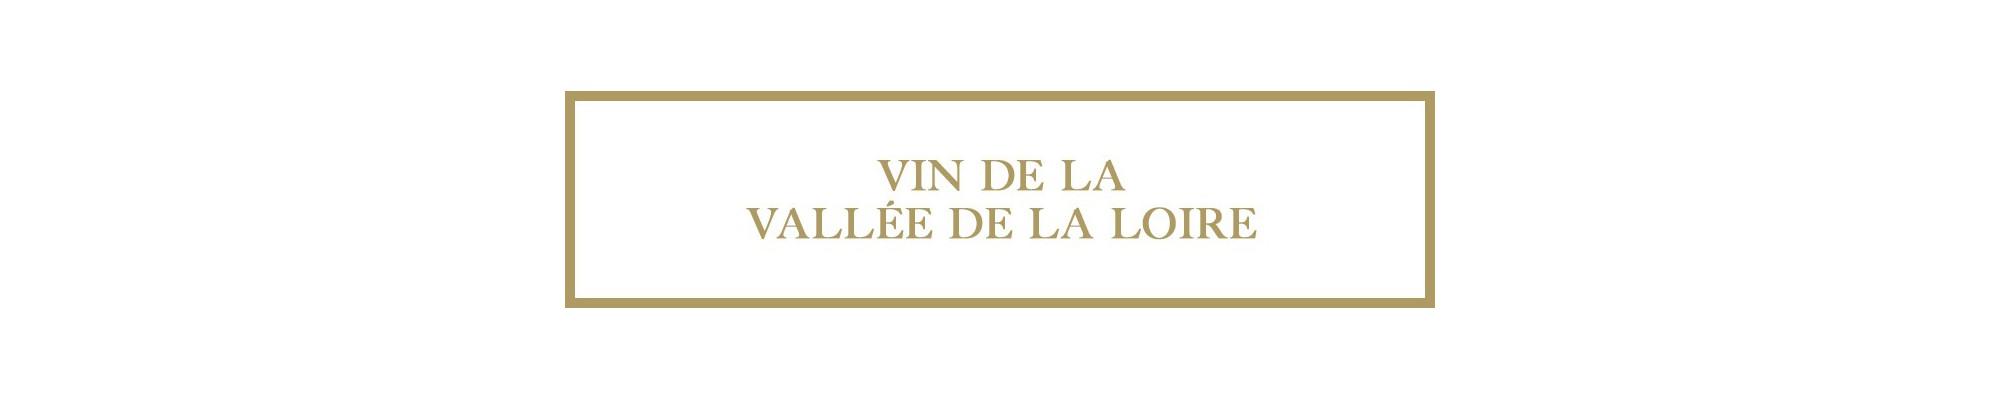 Vin de la Vallée de la Loire